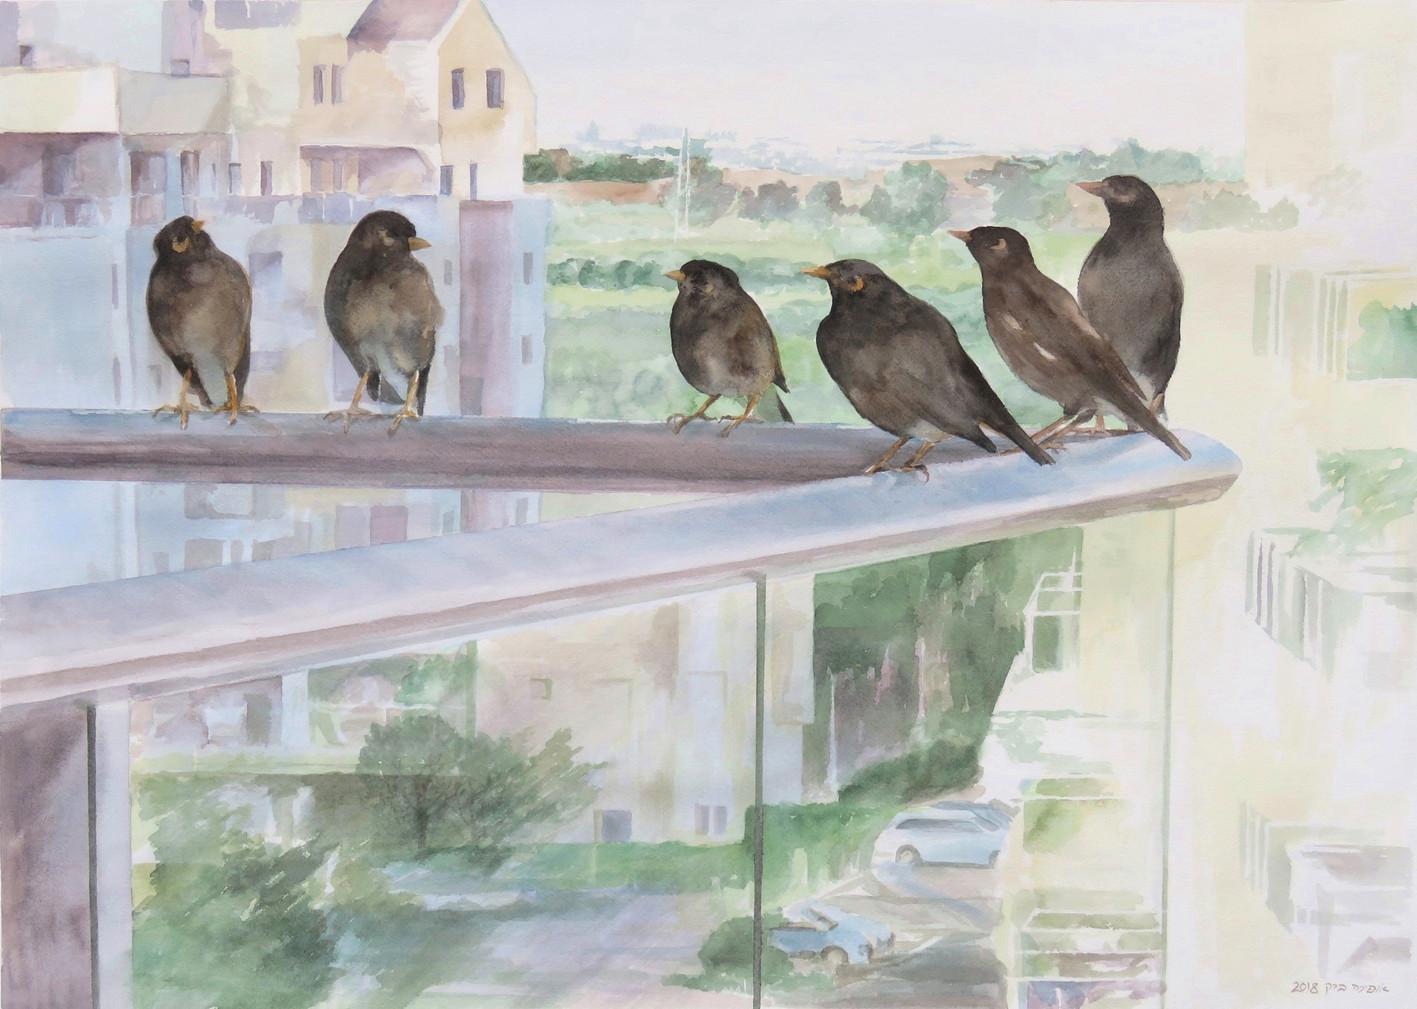 Urbanbirds-Watercolor-70X50cm-2018